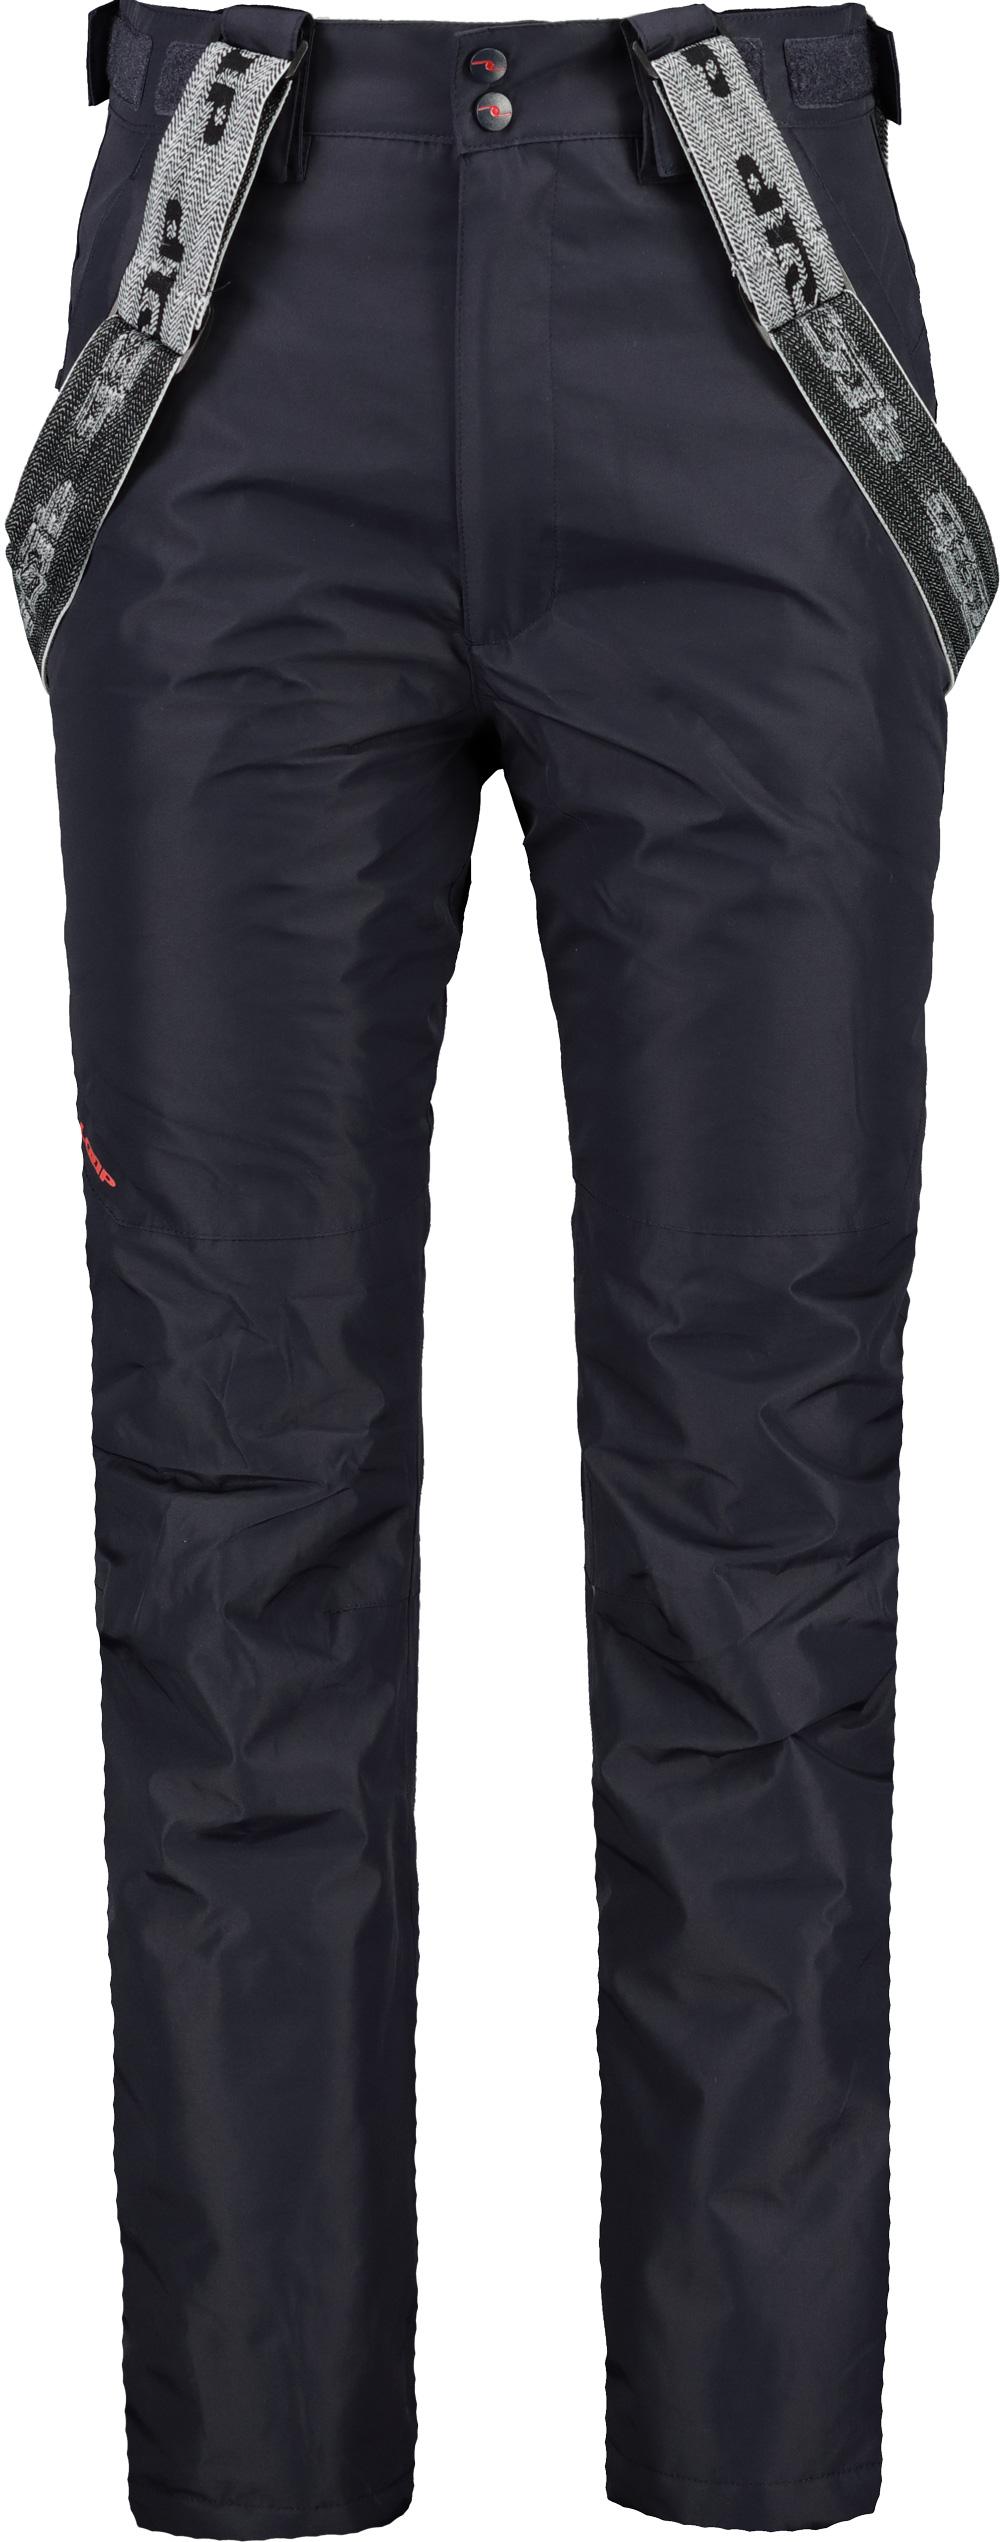 Kalhoty lyžařské pánské LOAP FOTIS